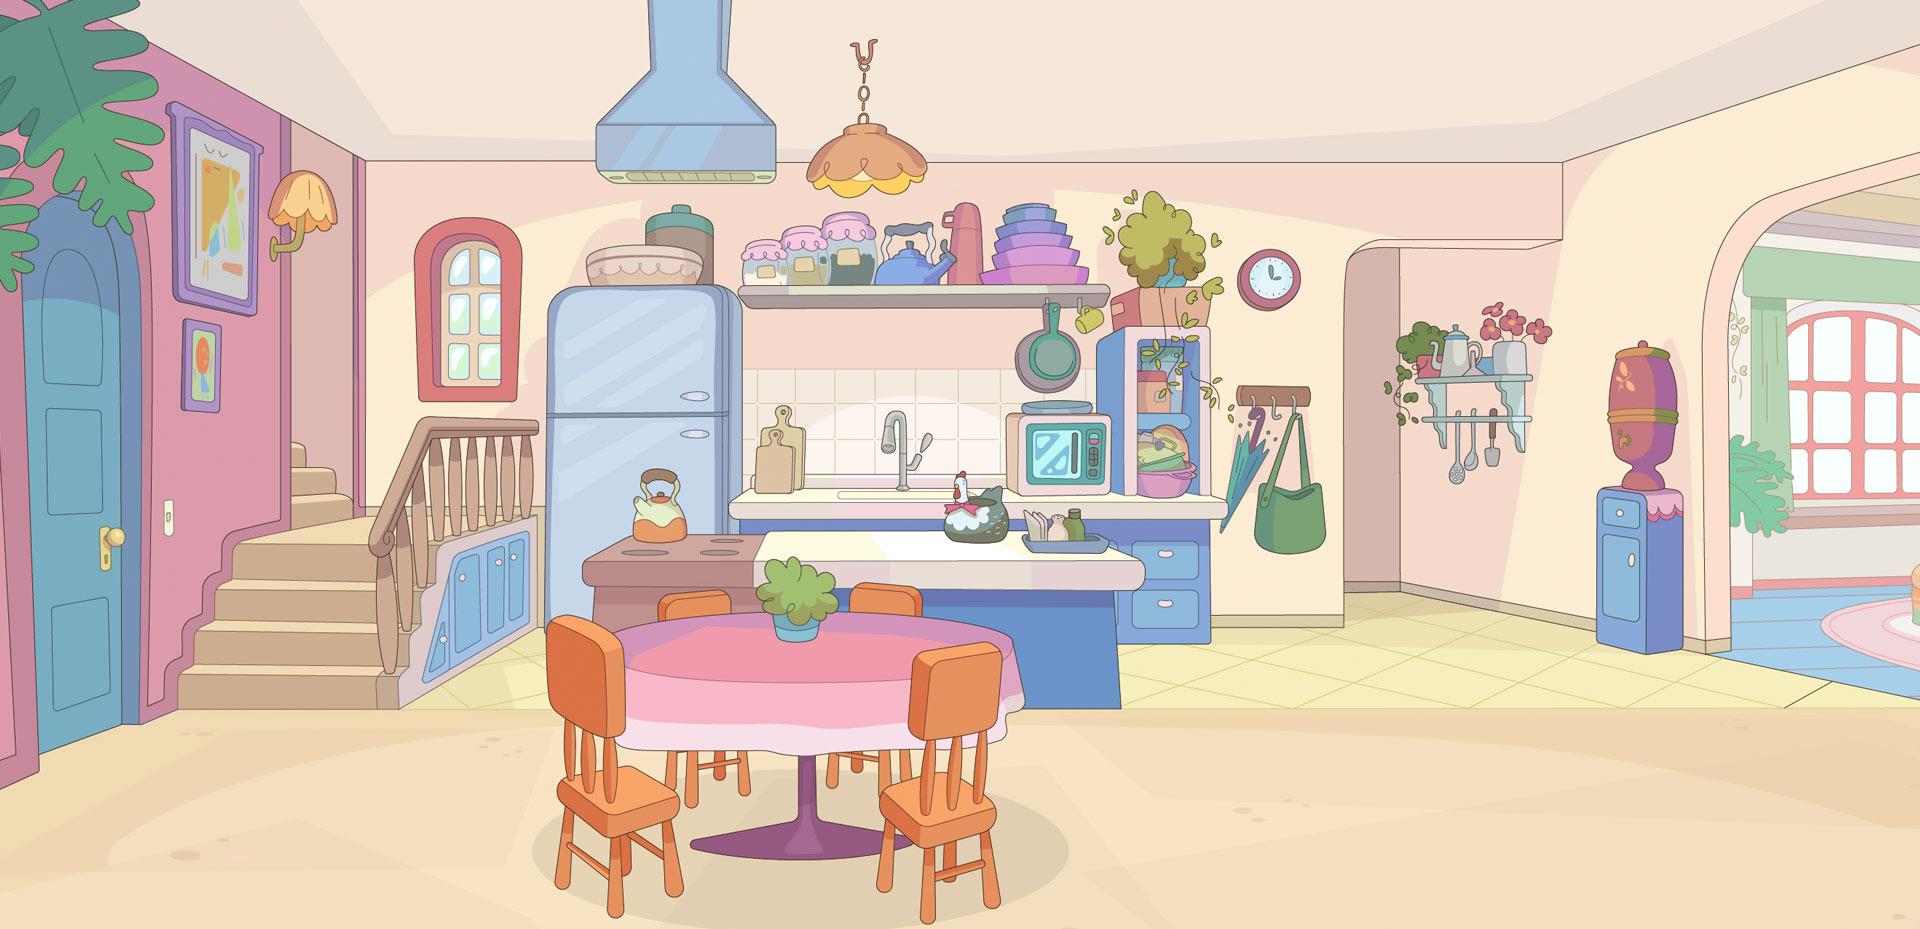 services_background_tuca_kitchen_cartoon_52as.jpg